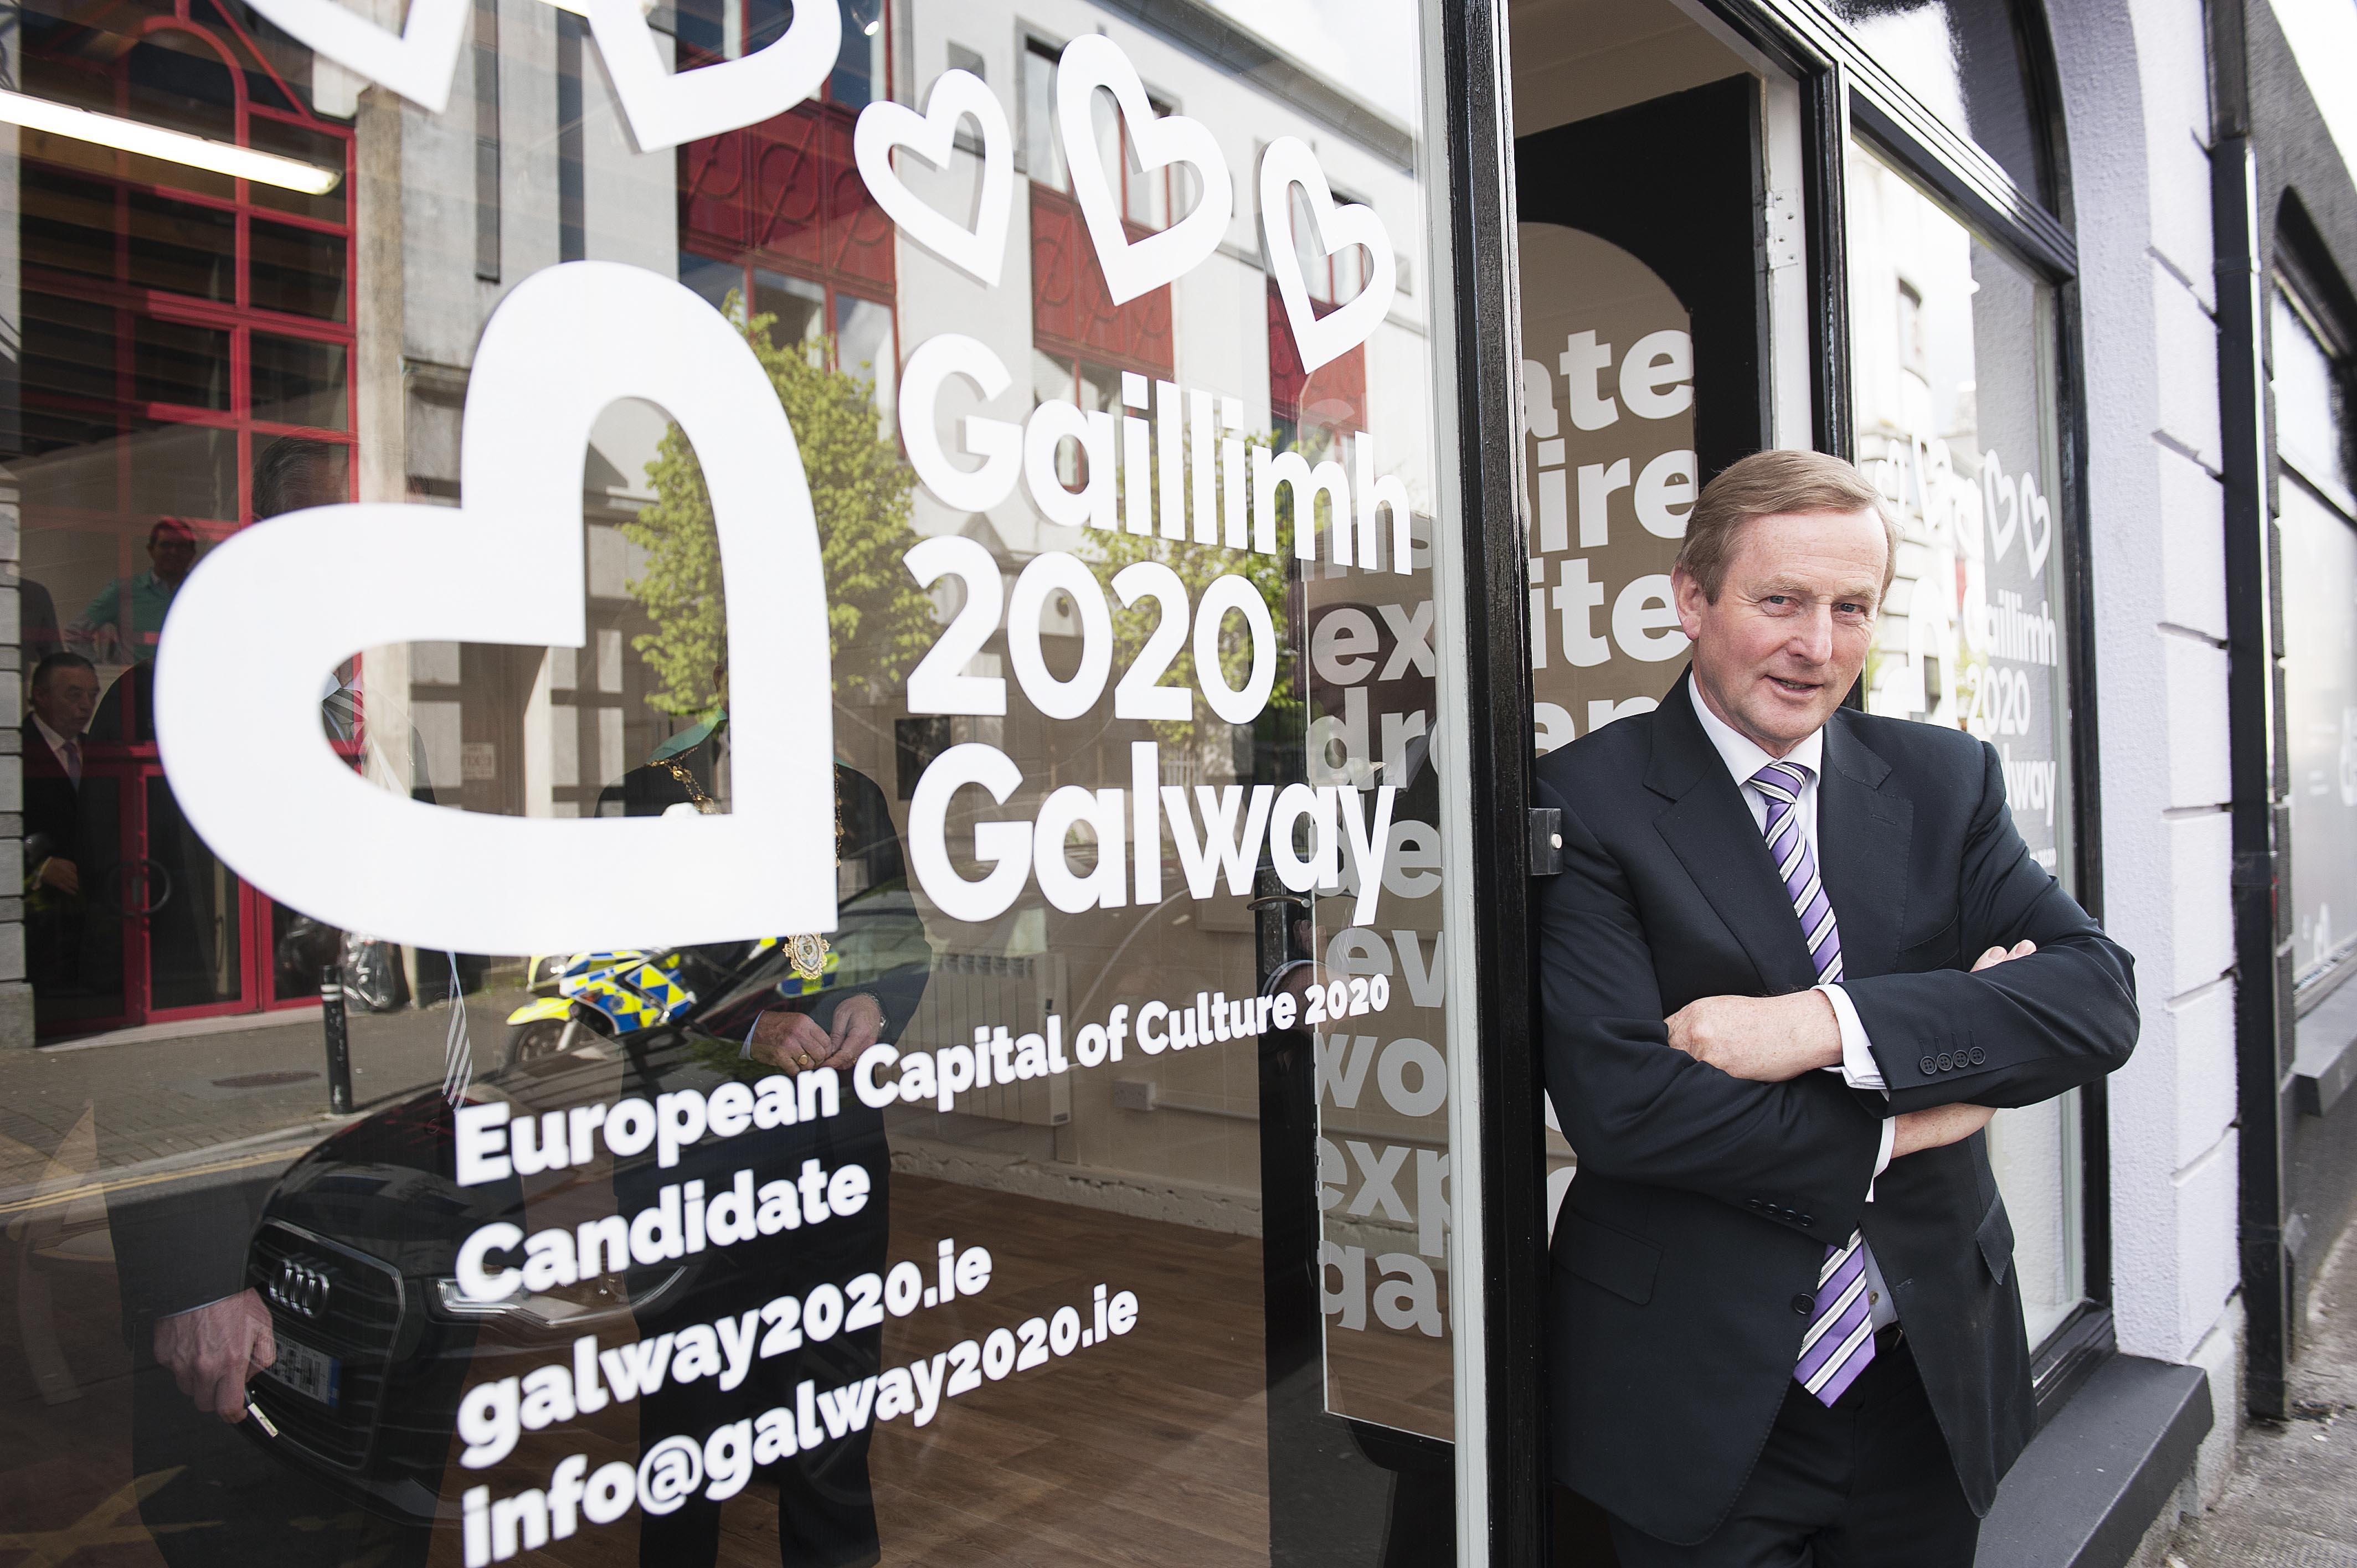 Galway 2020 An Taoiseach